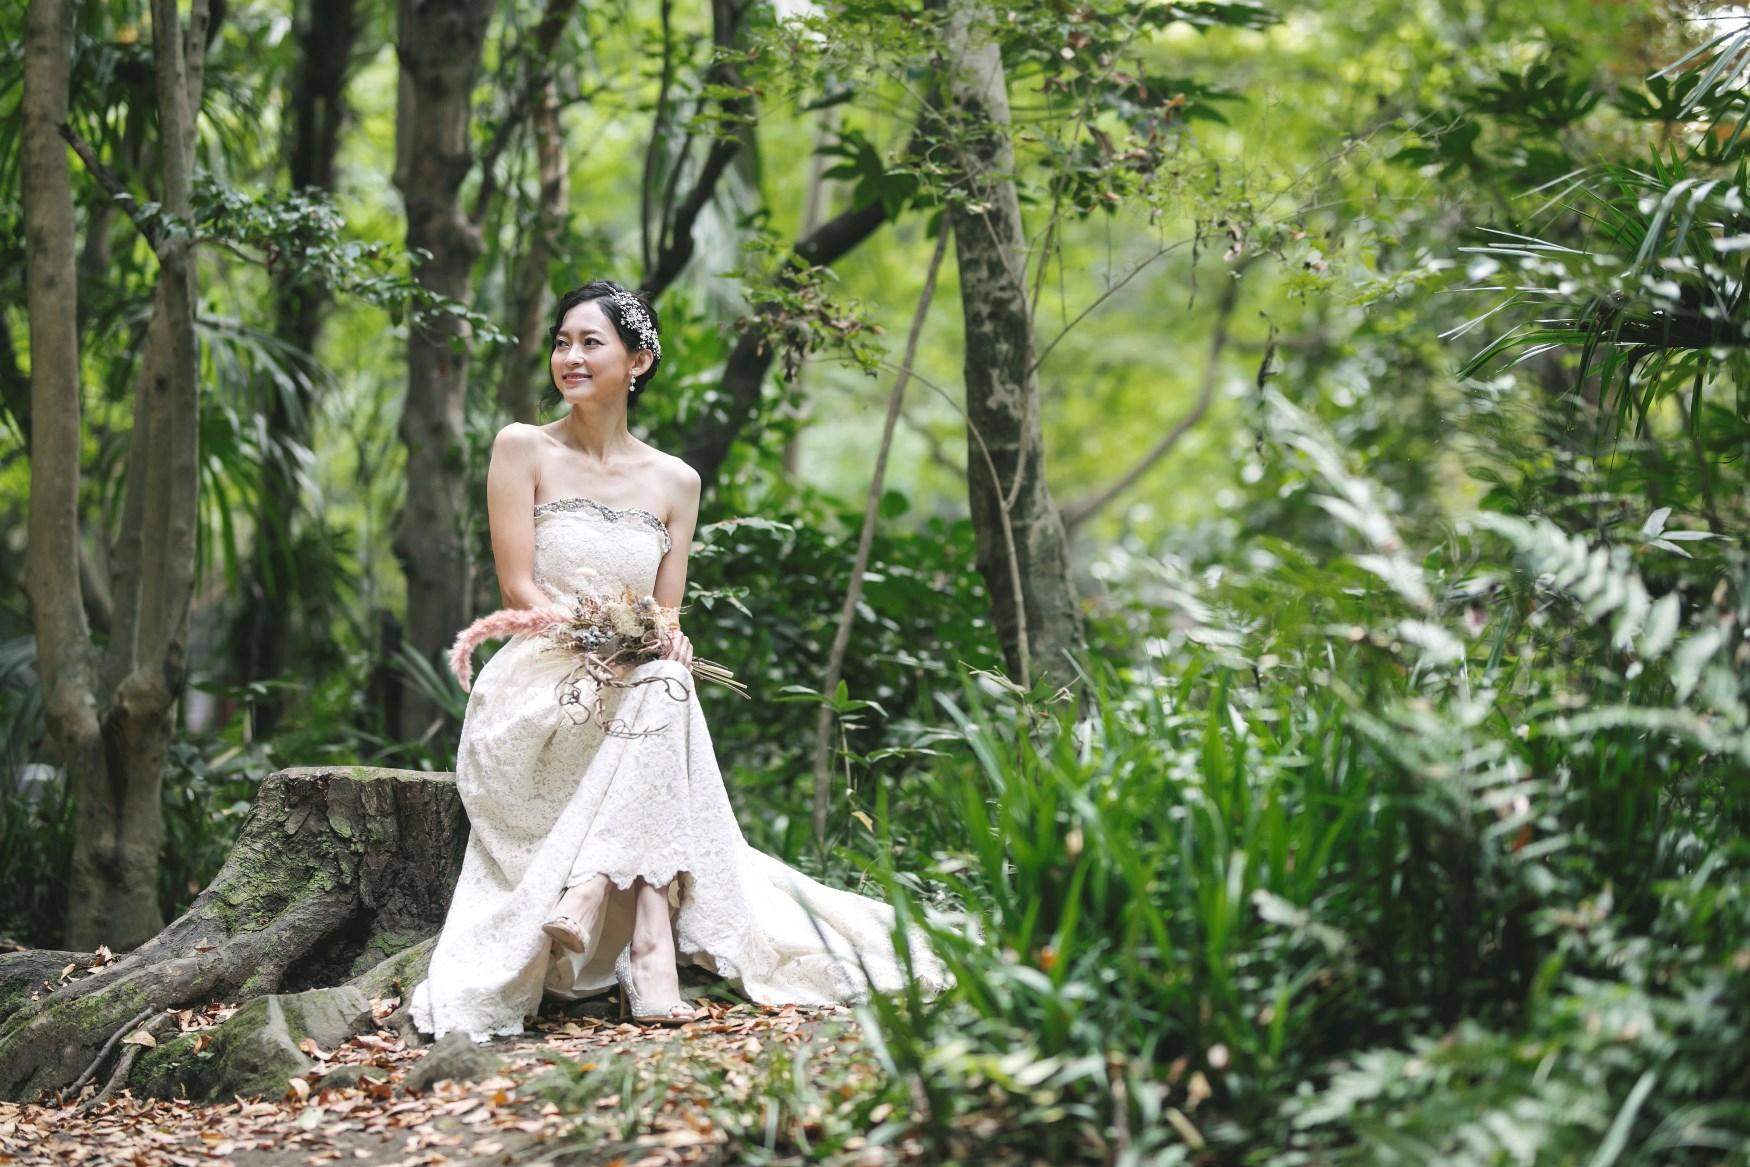 等々力渓谷の森の中で座っている花嫁